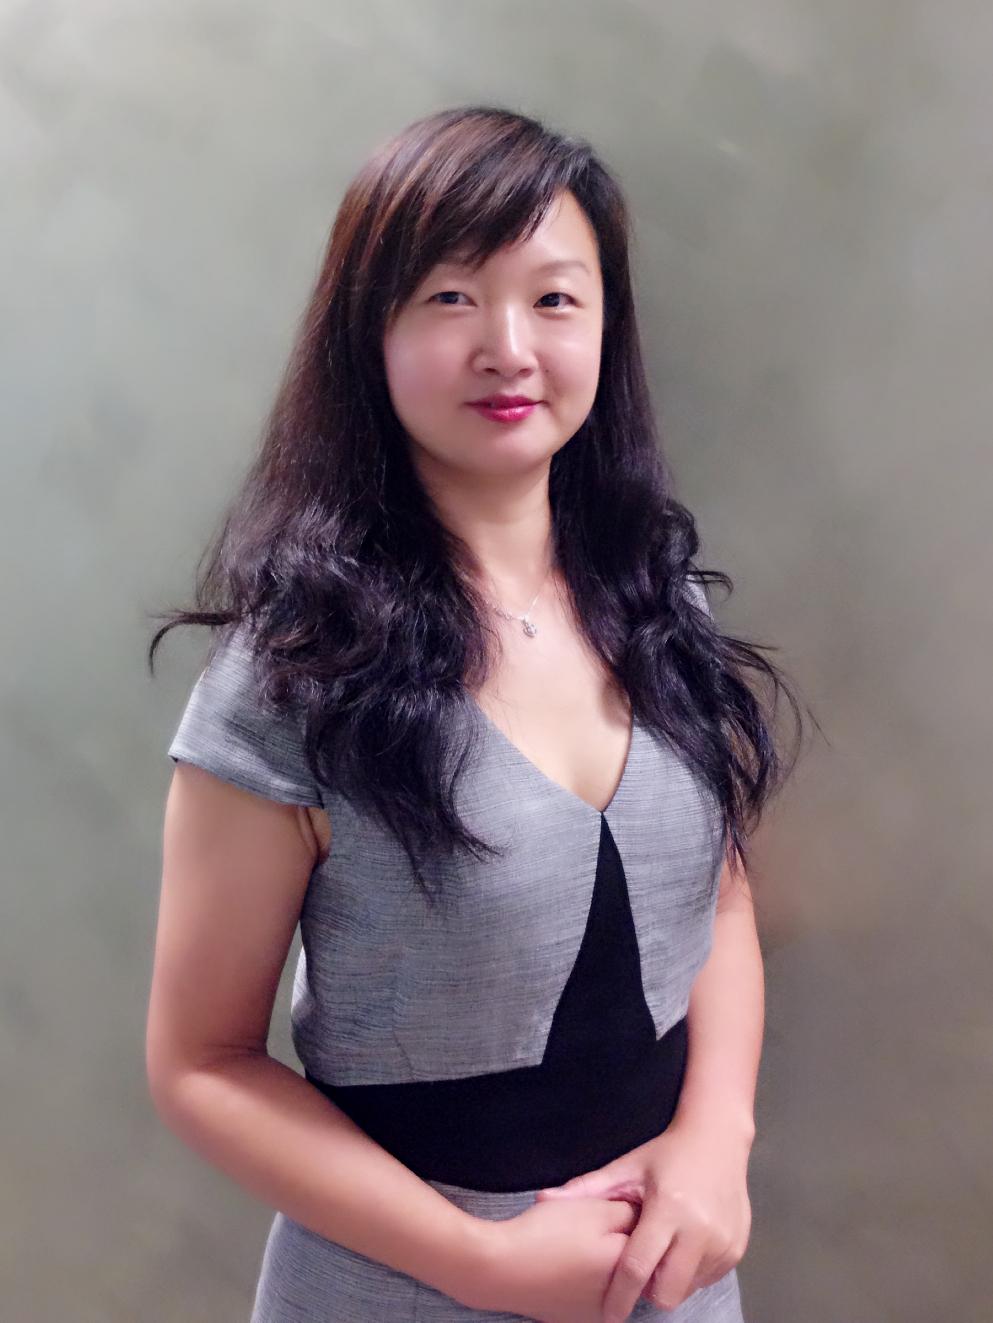 Helen Cheng